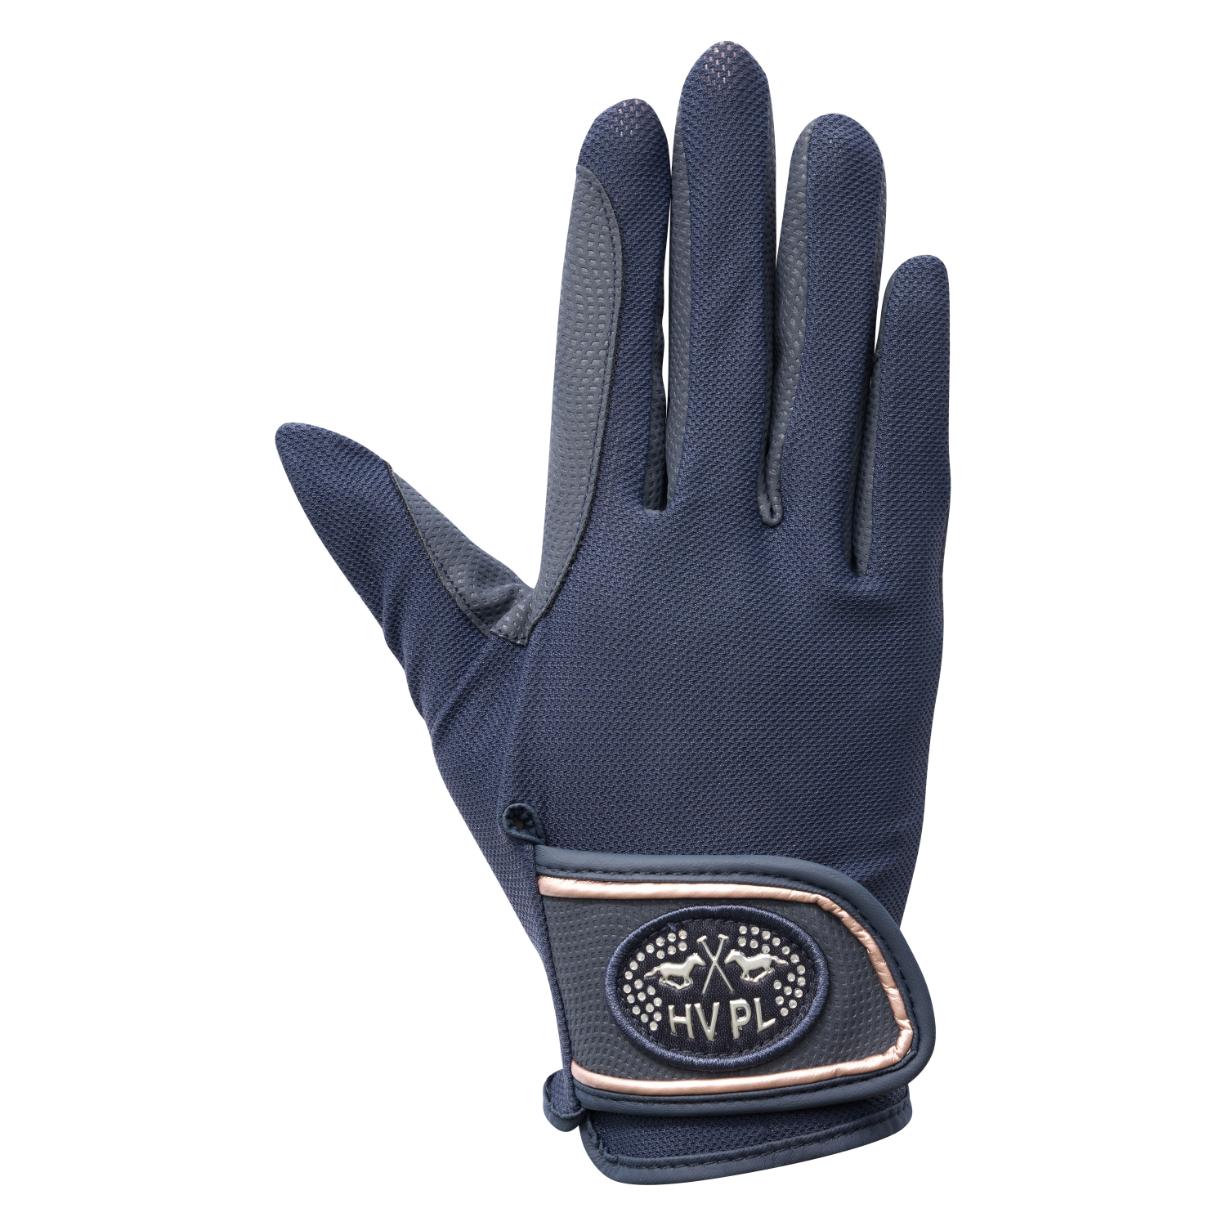 HV Polo Handschoenen Juliette